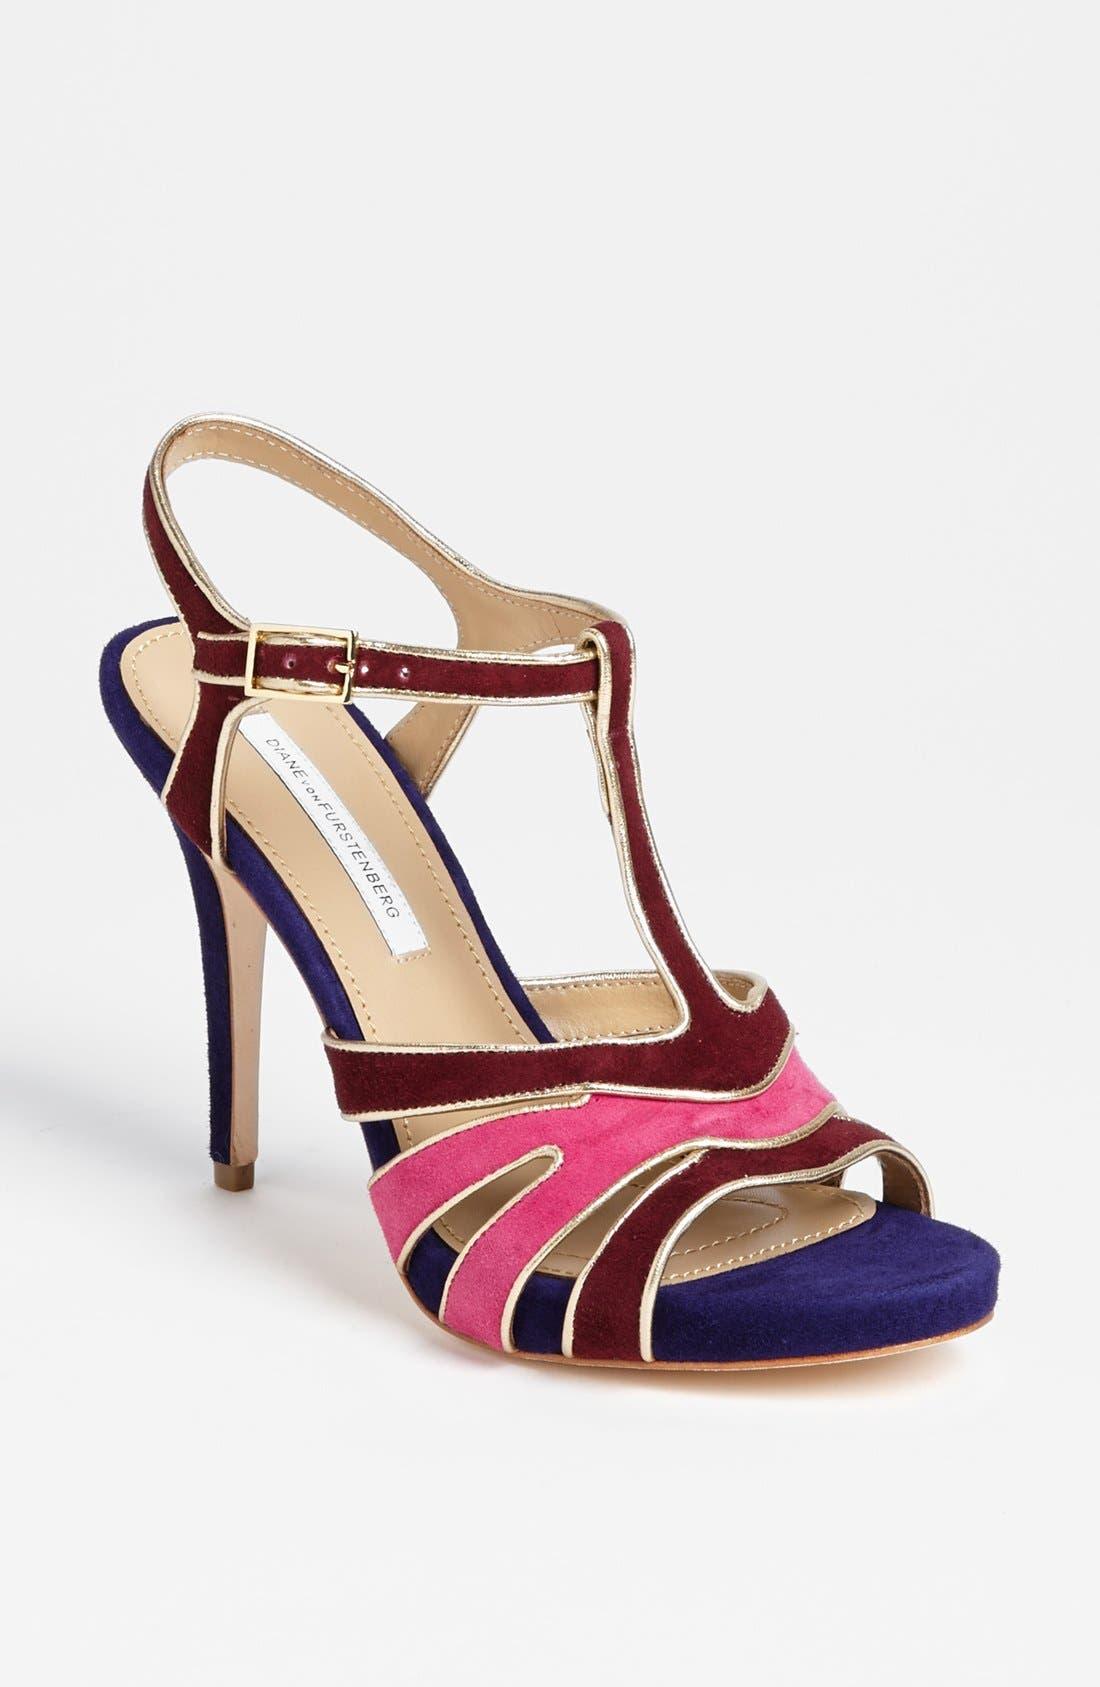 Alternate Image 1 Selected - Diane von Furstenberg 'Julip' Sandal (Online Only)